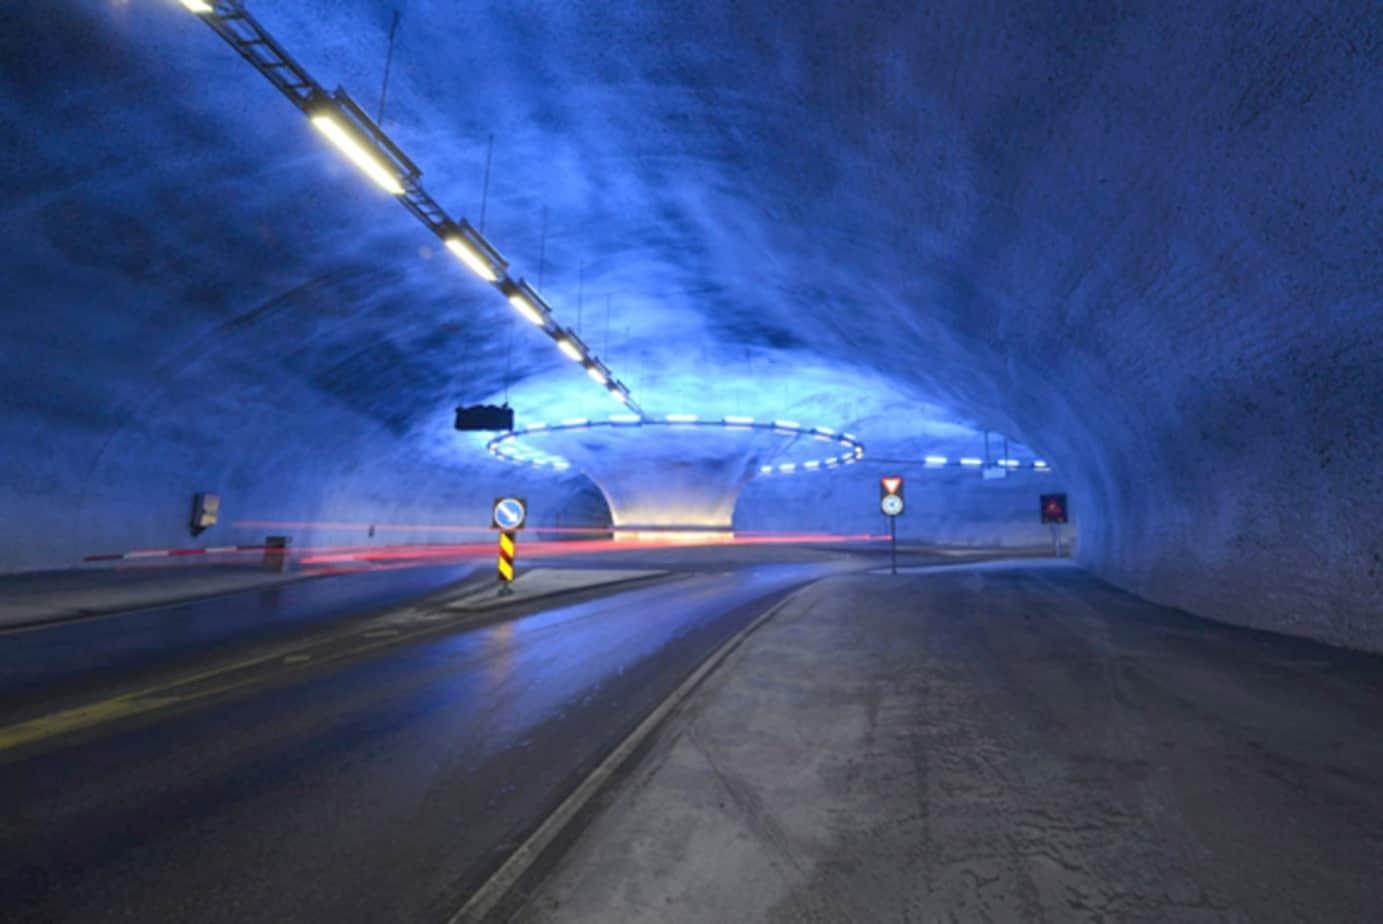 Le interconnessioni con la viabilità esistente sono state realizzate tramite rotatorie in sotterraneo, al cui centro è stato mantenuto un pilastro di roccia di 7 m di diametro